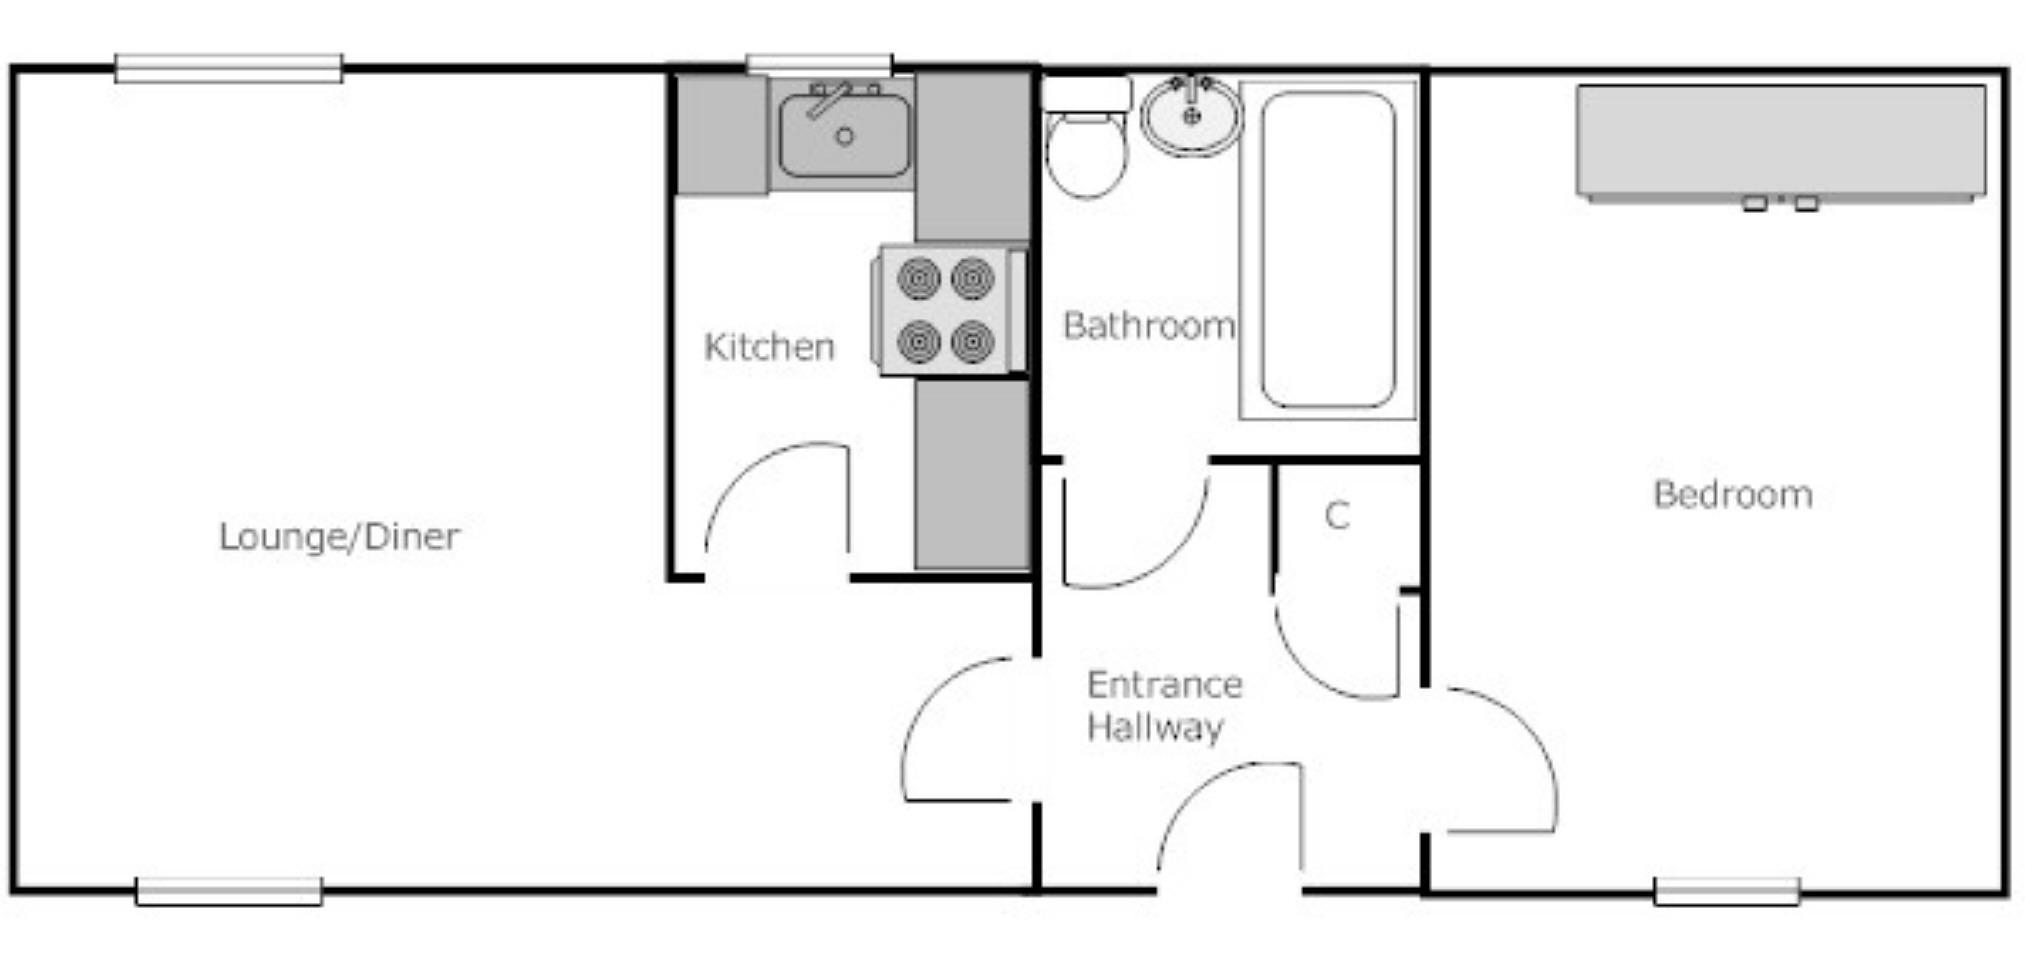 1 bedroom Flat for sale in Bloxwich